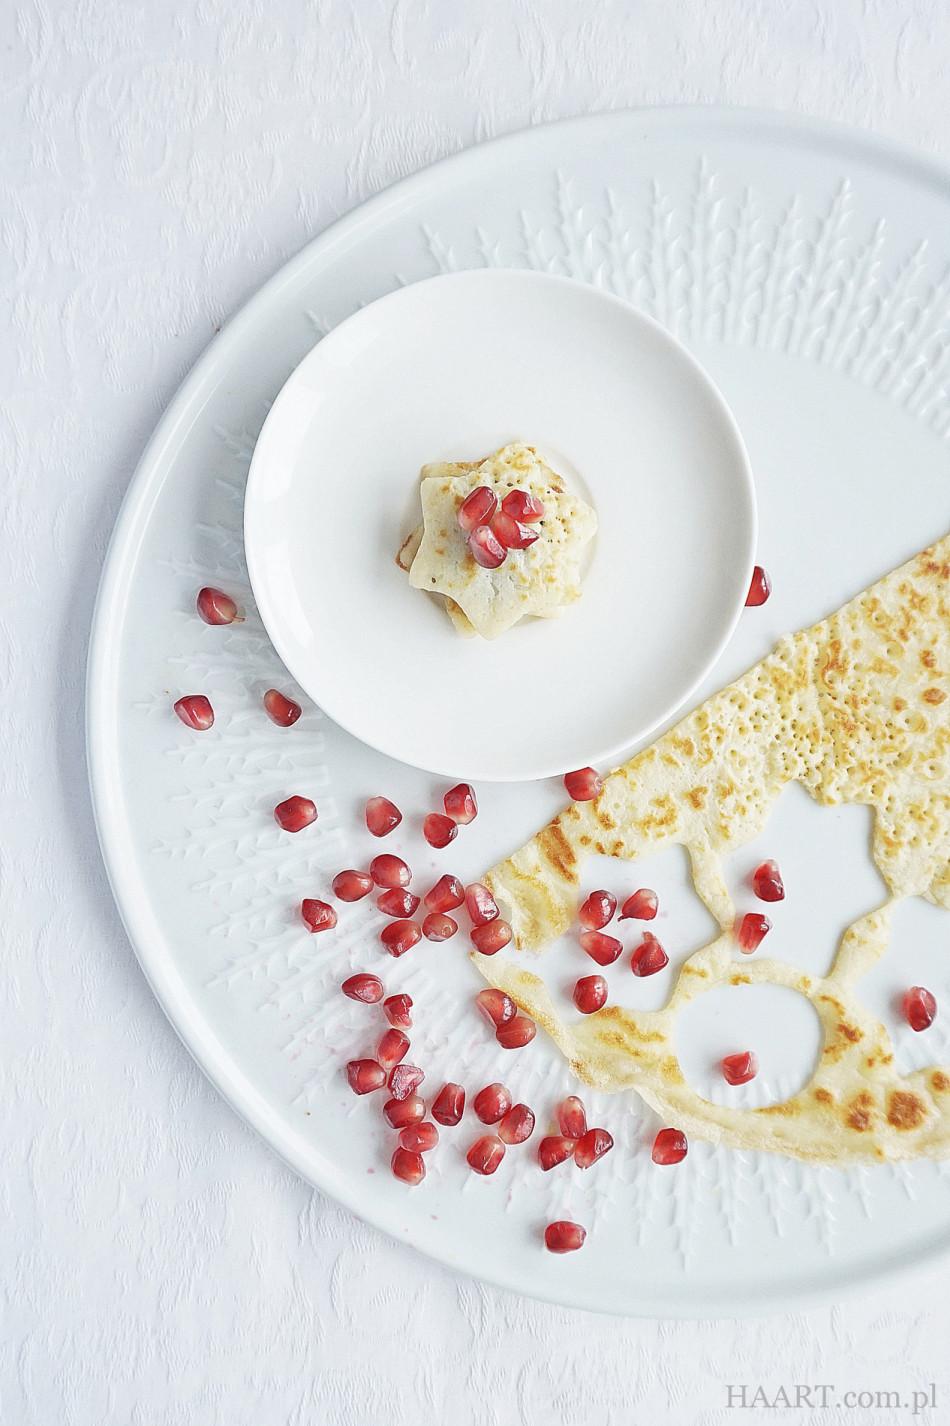 naleśniki, idealne ciasto naleśnikowe, przepis na, jedzenie dla dzieci, słodycze, śniadanie, mus z czarnego bzu, prost akuchnia, gotowanie, kuchnia wegetariańska - haart.pl blog diy zrób to sam 2